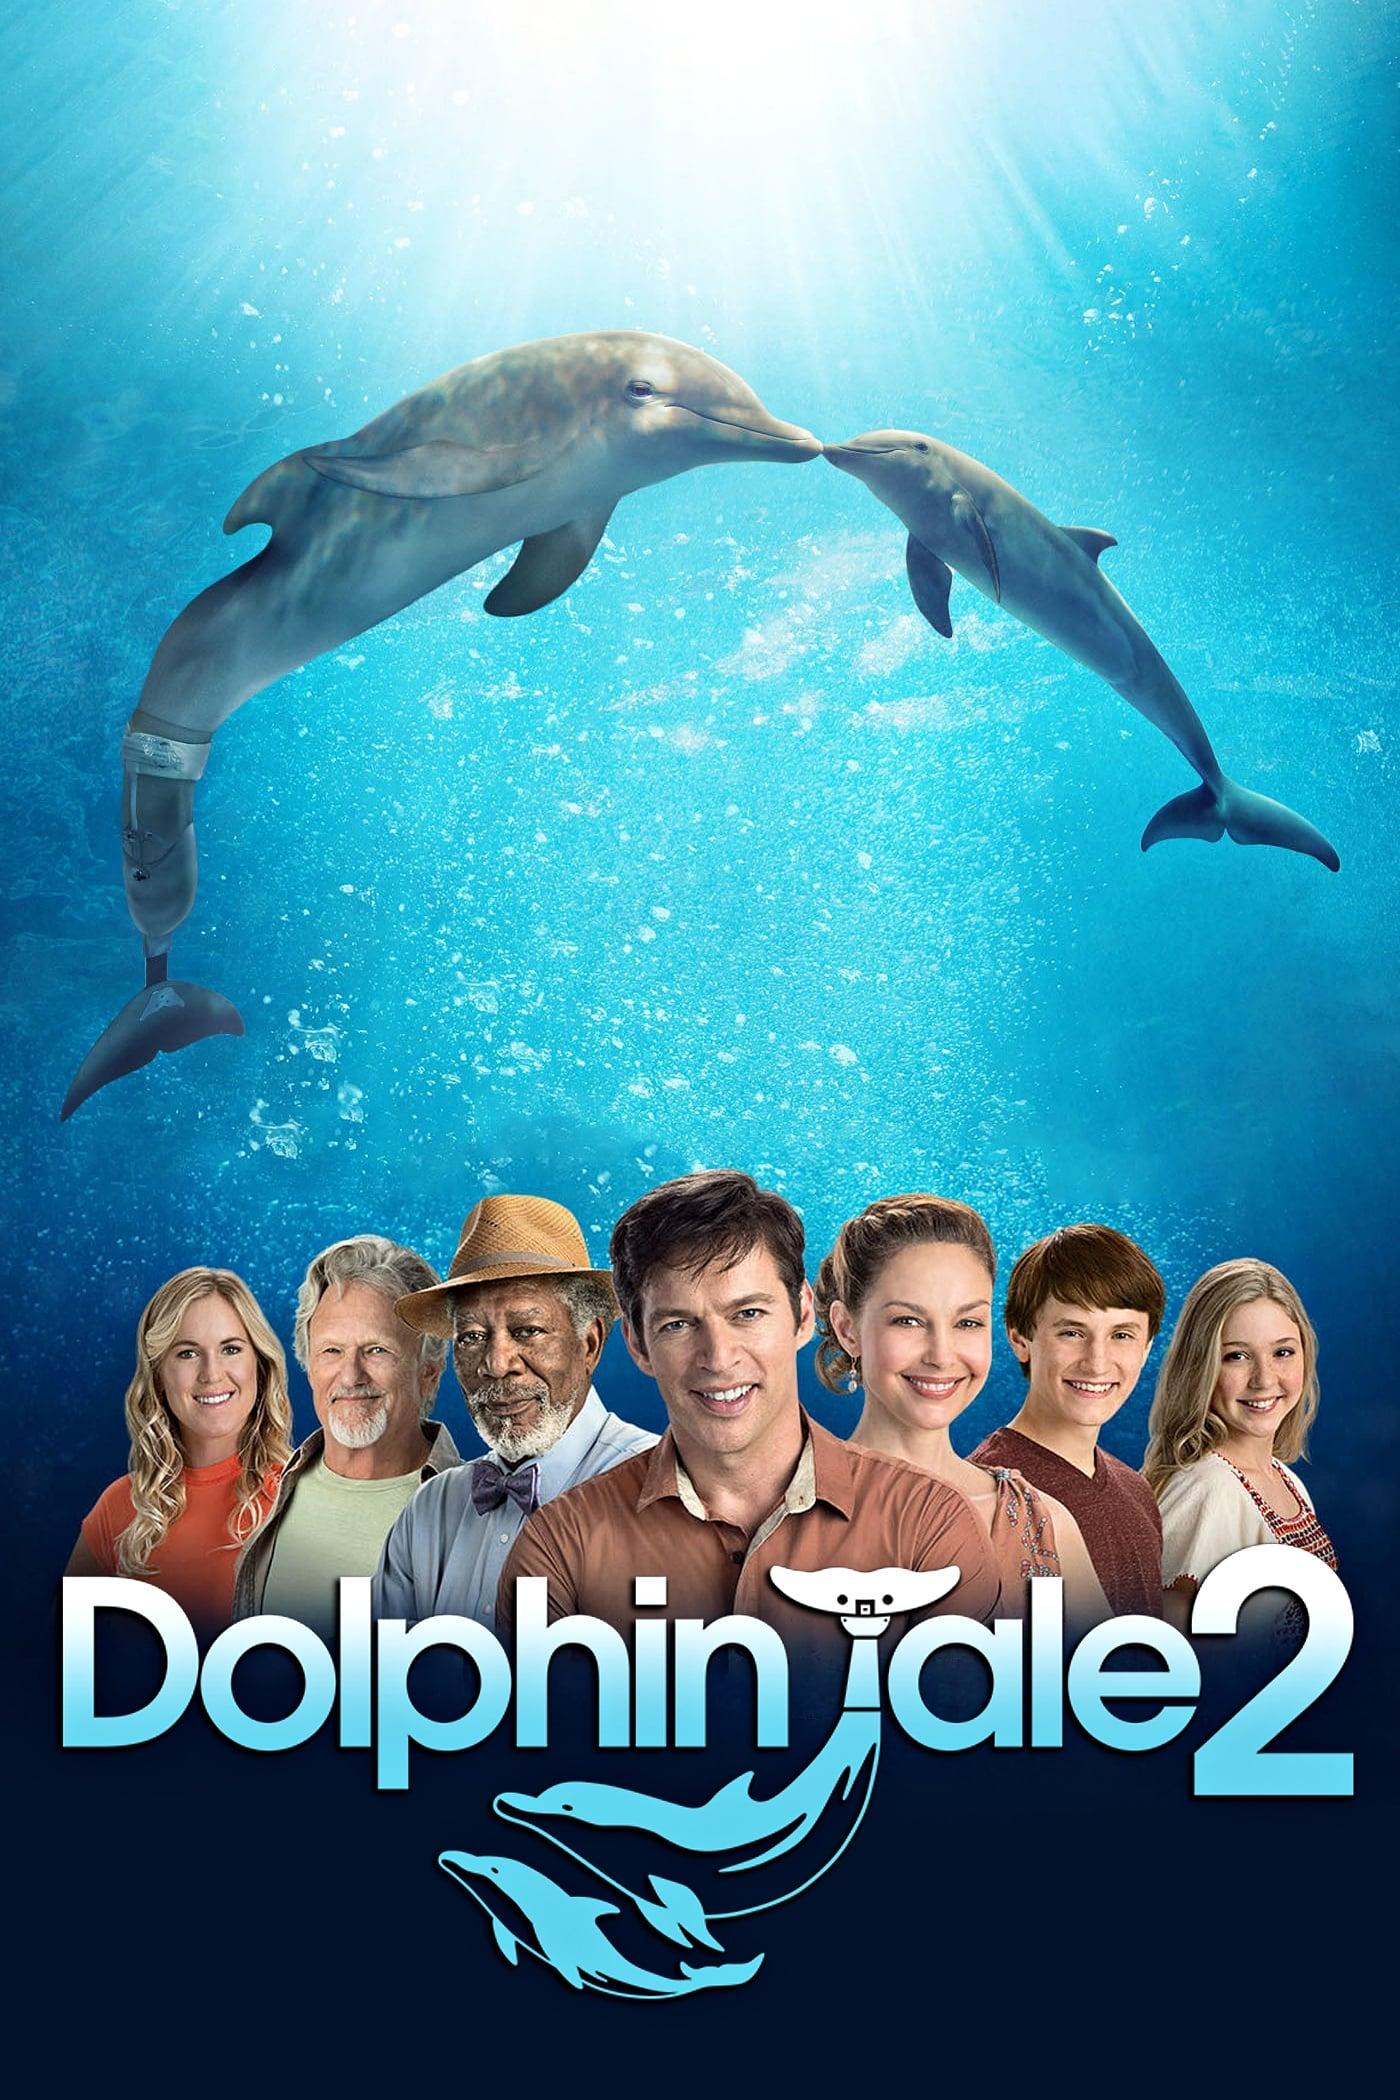 Winter El Delfín 2 (Dolphin Tale 2)